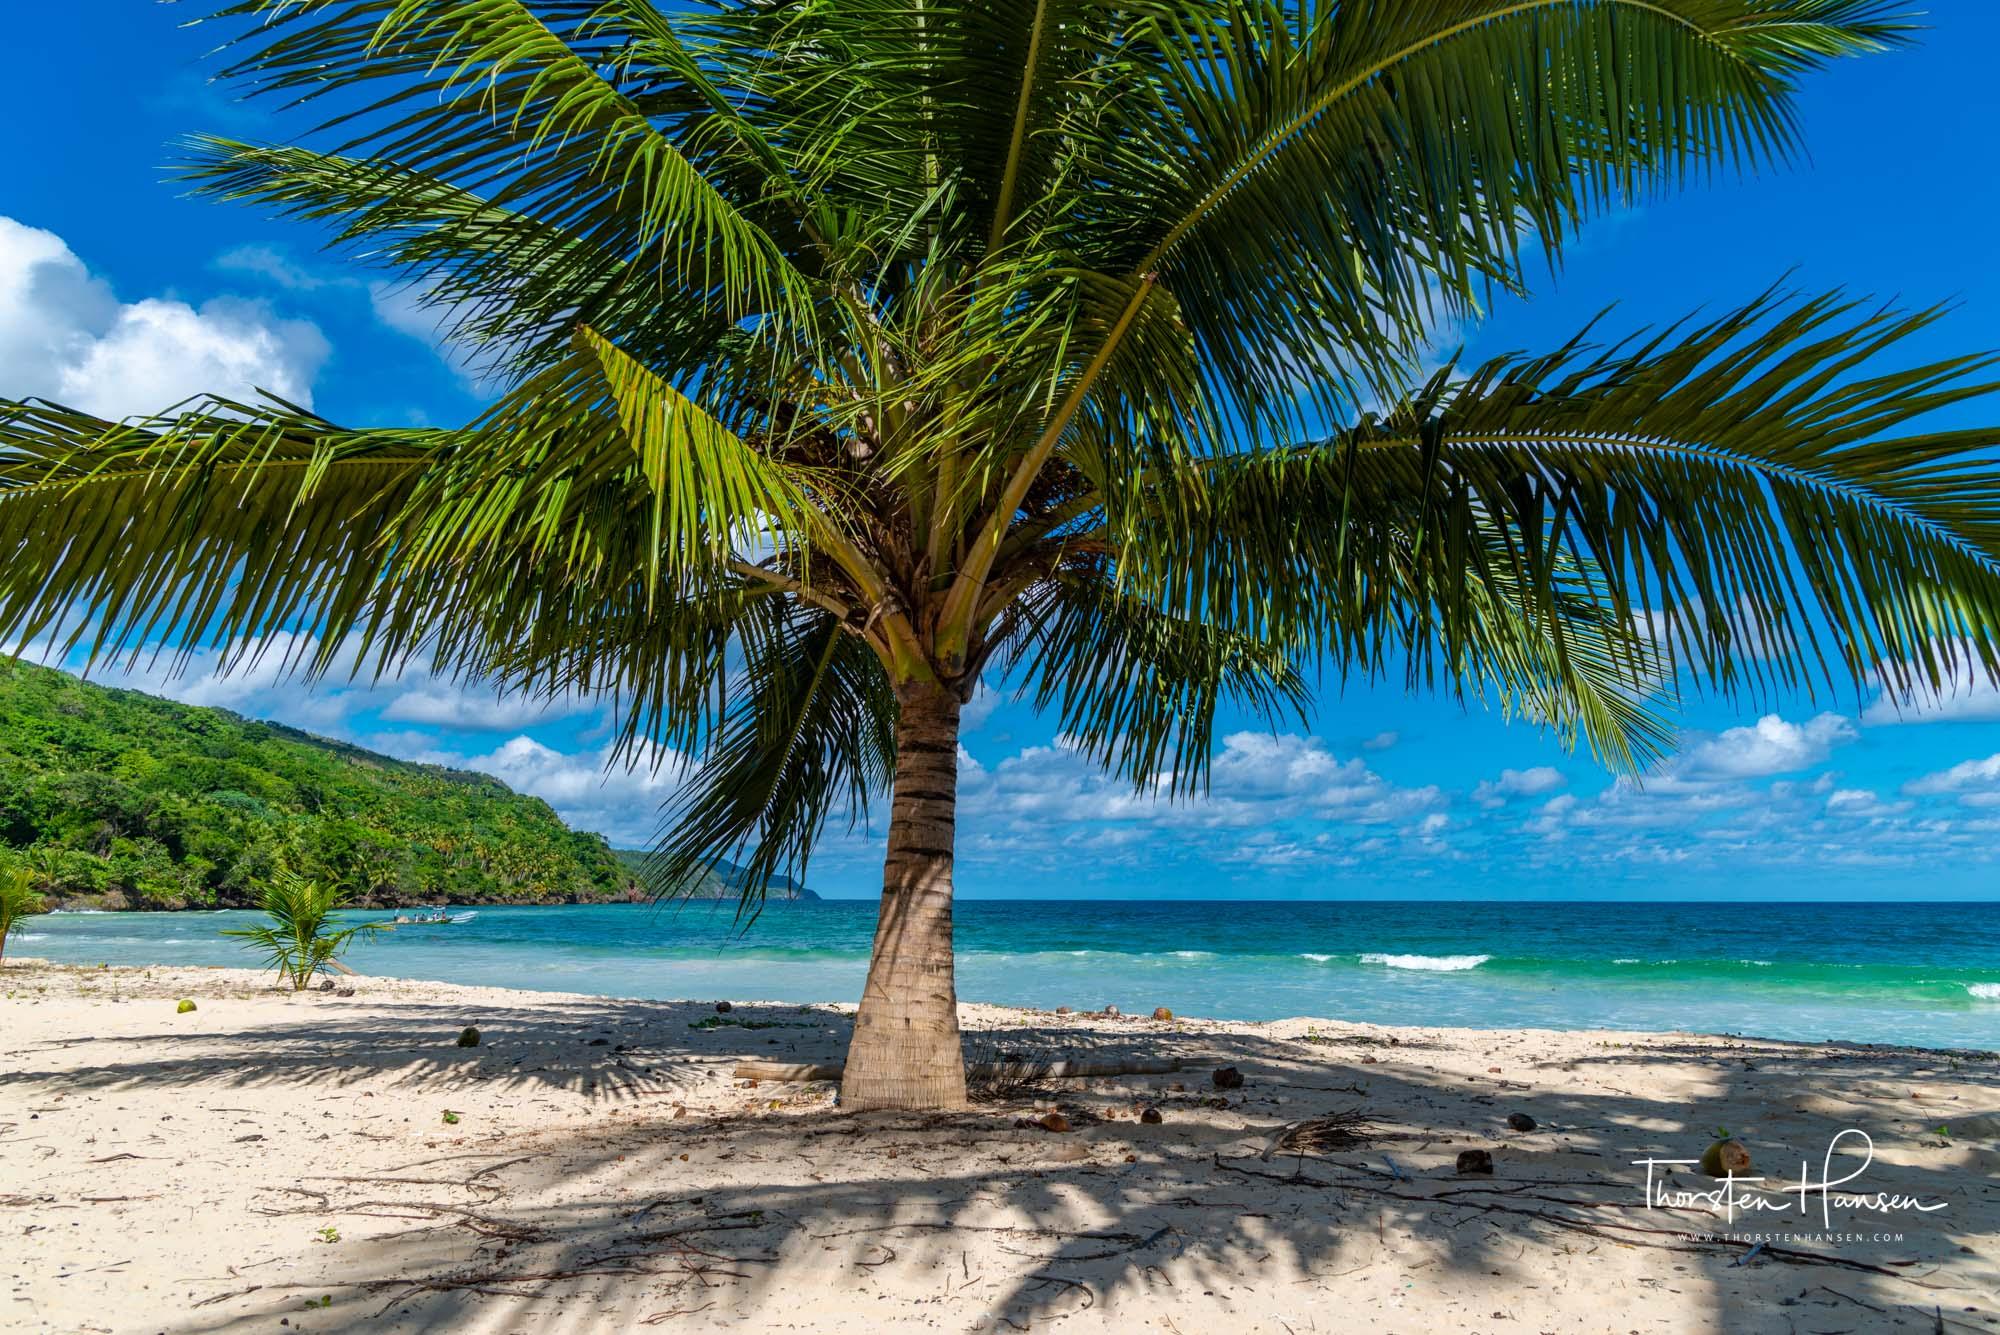 Meine Reisen durch die Karibik - Meine Reise durch Grand Turk und Gibbs Cay Meine Höhepunkte auf Grand Turk Stachelrochenküssen in Gibbs Cay und der Zusammenstoß mit einem Katamaran   Traumstrand Pillory Beach und ein Drink im Bohio Dive Resort Die kleine